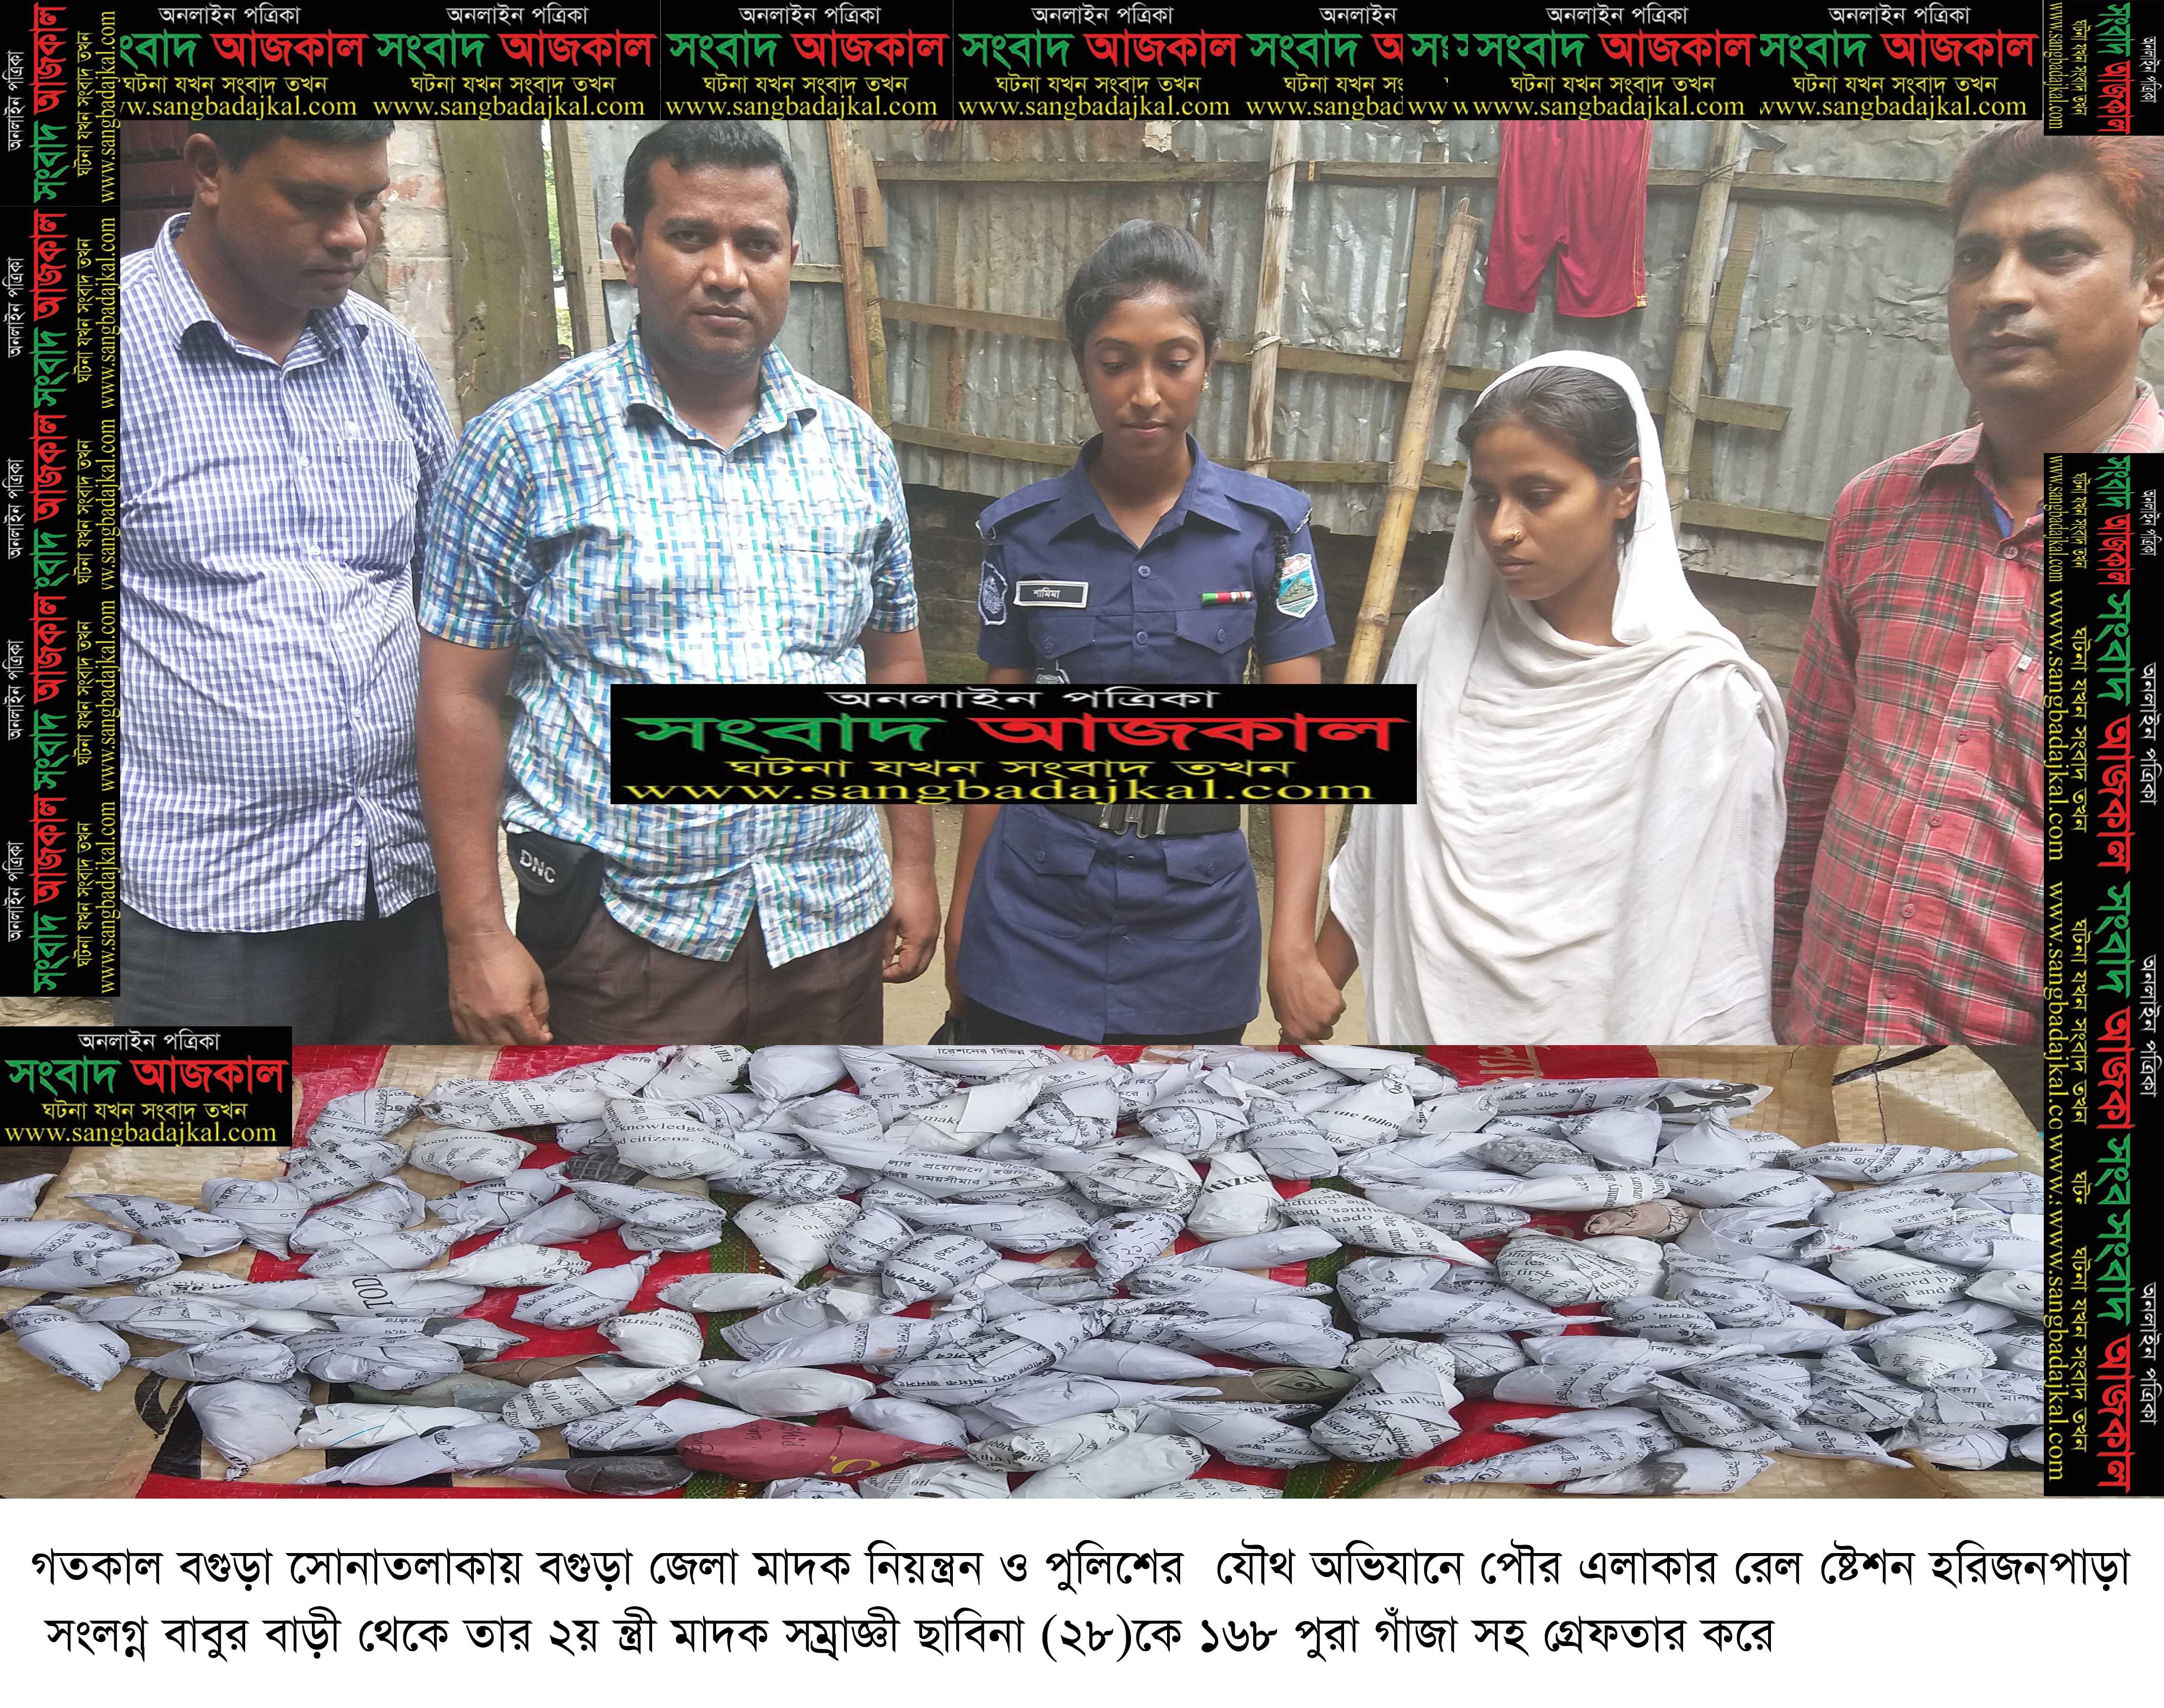 সোনাতলায় ১৬৮টি পুরা গাঁজাসহ  মাদক সম্রাজ্ঞী ছাবিনা আটক